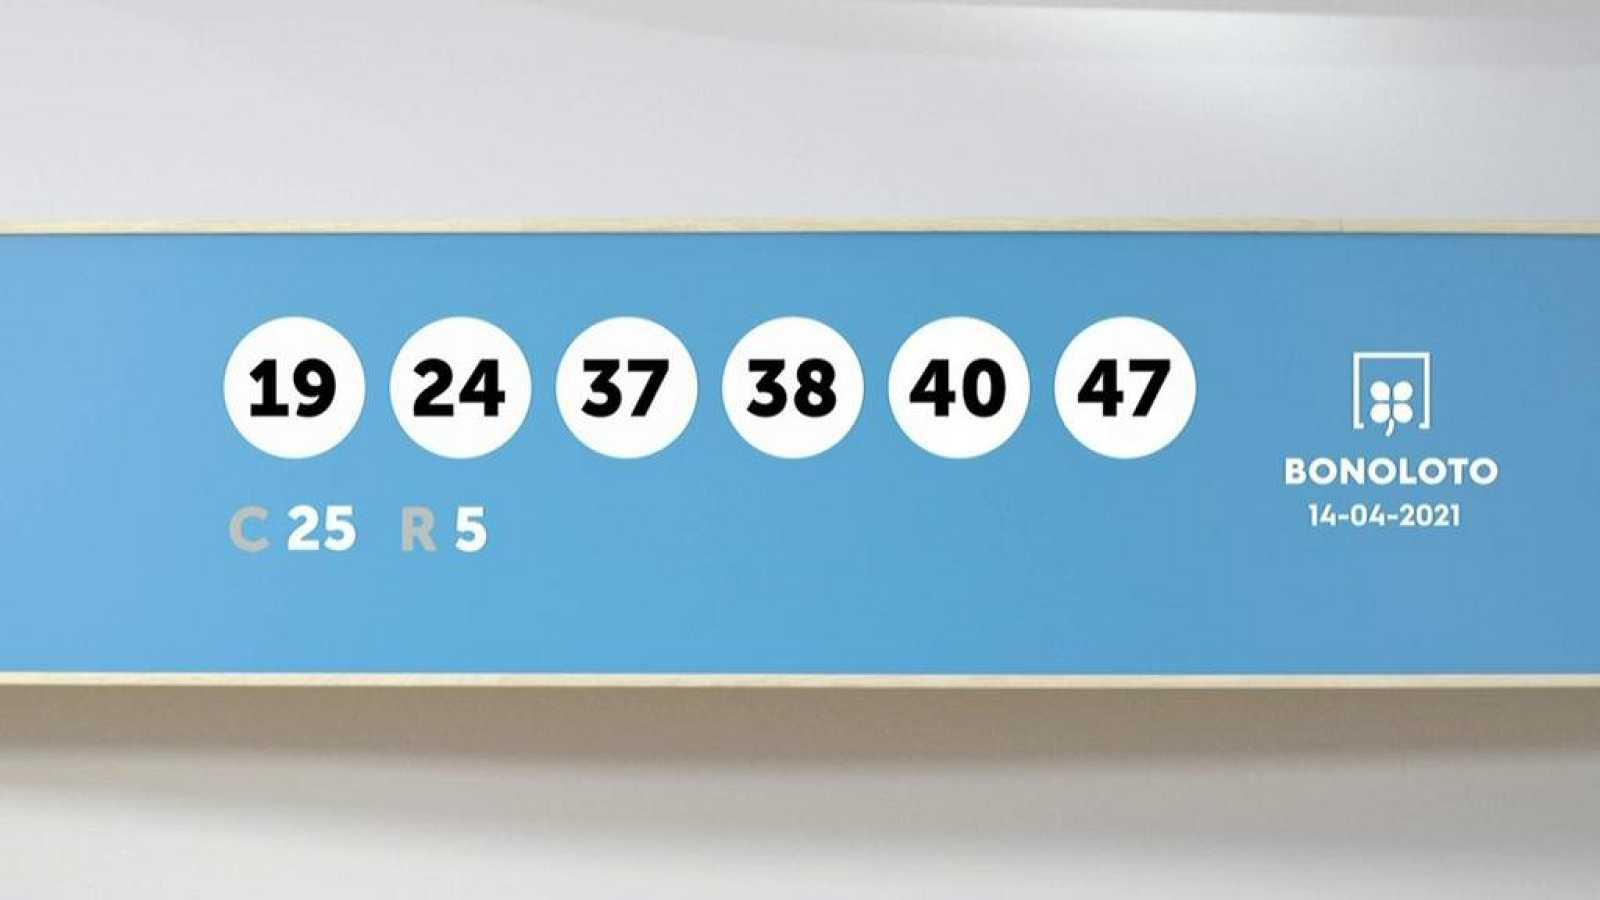 Sorteo de la Lotería Bonoloto del 14/04/2021 - Ver ahora